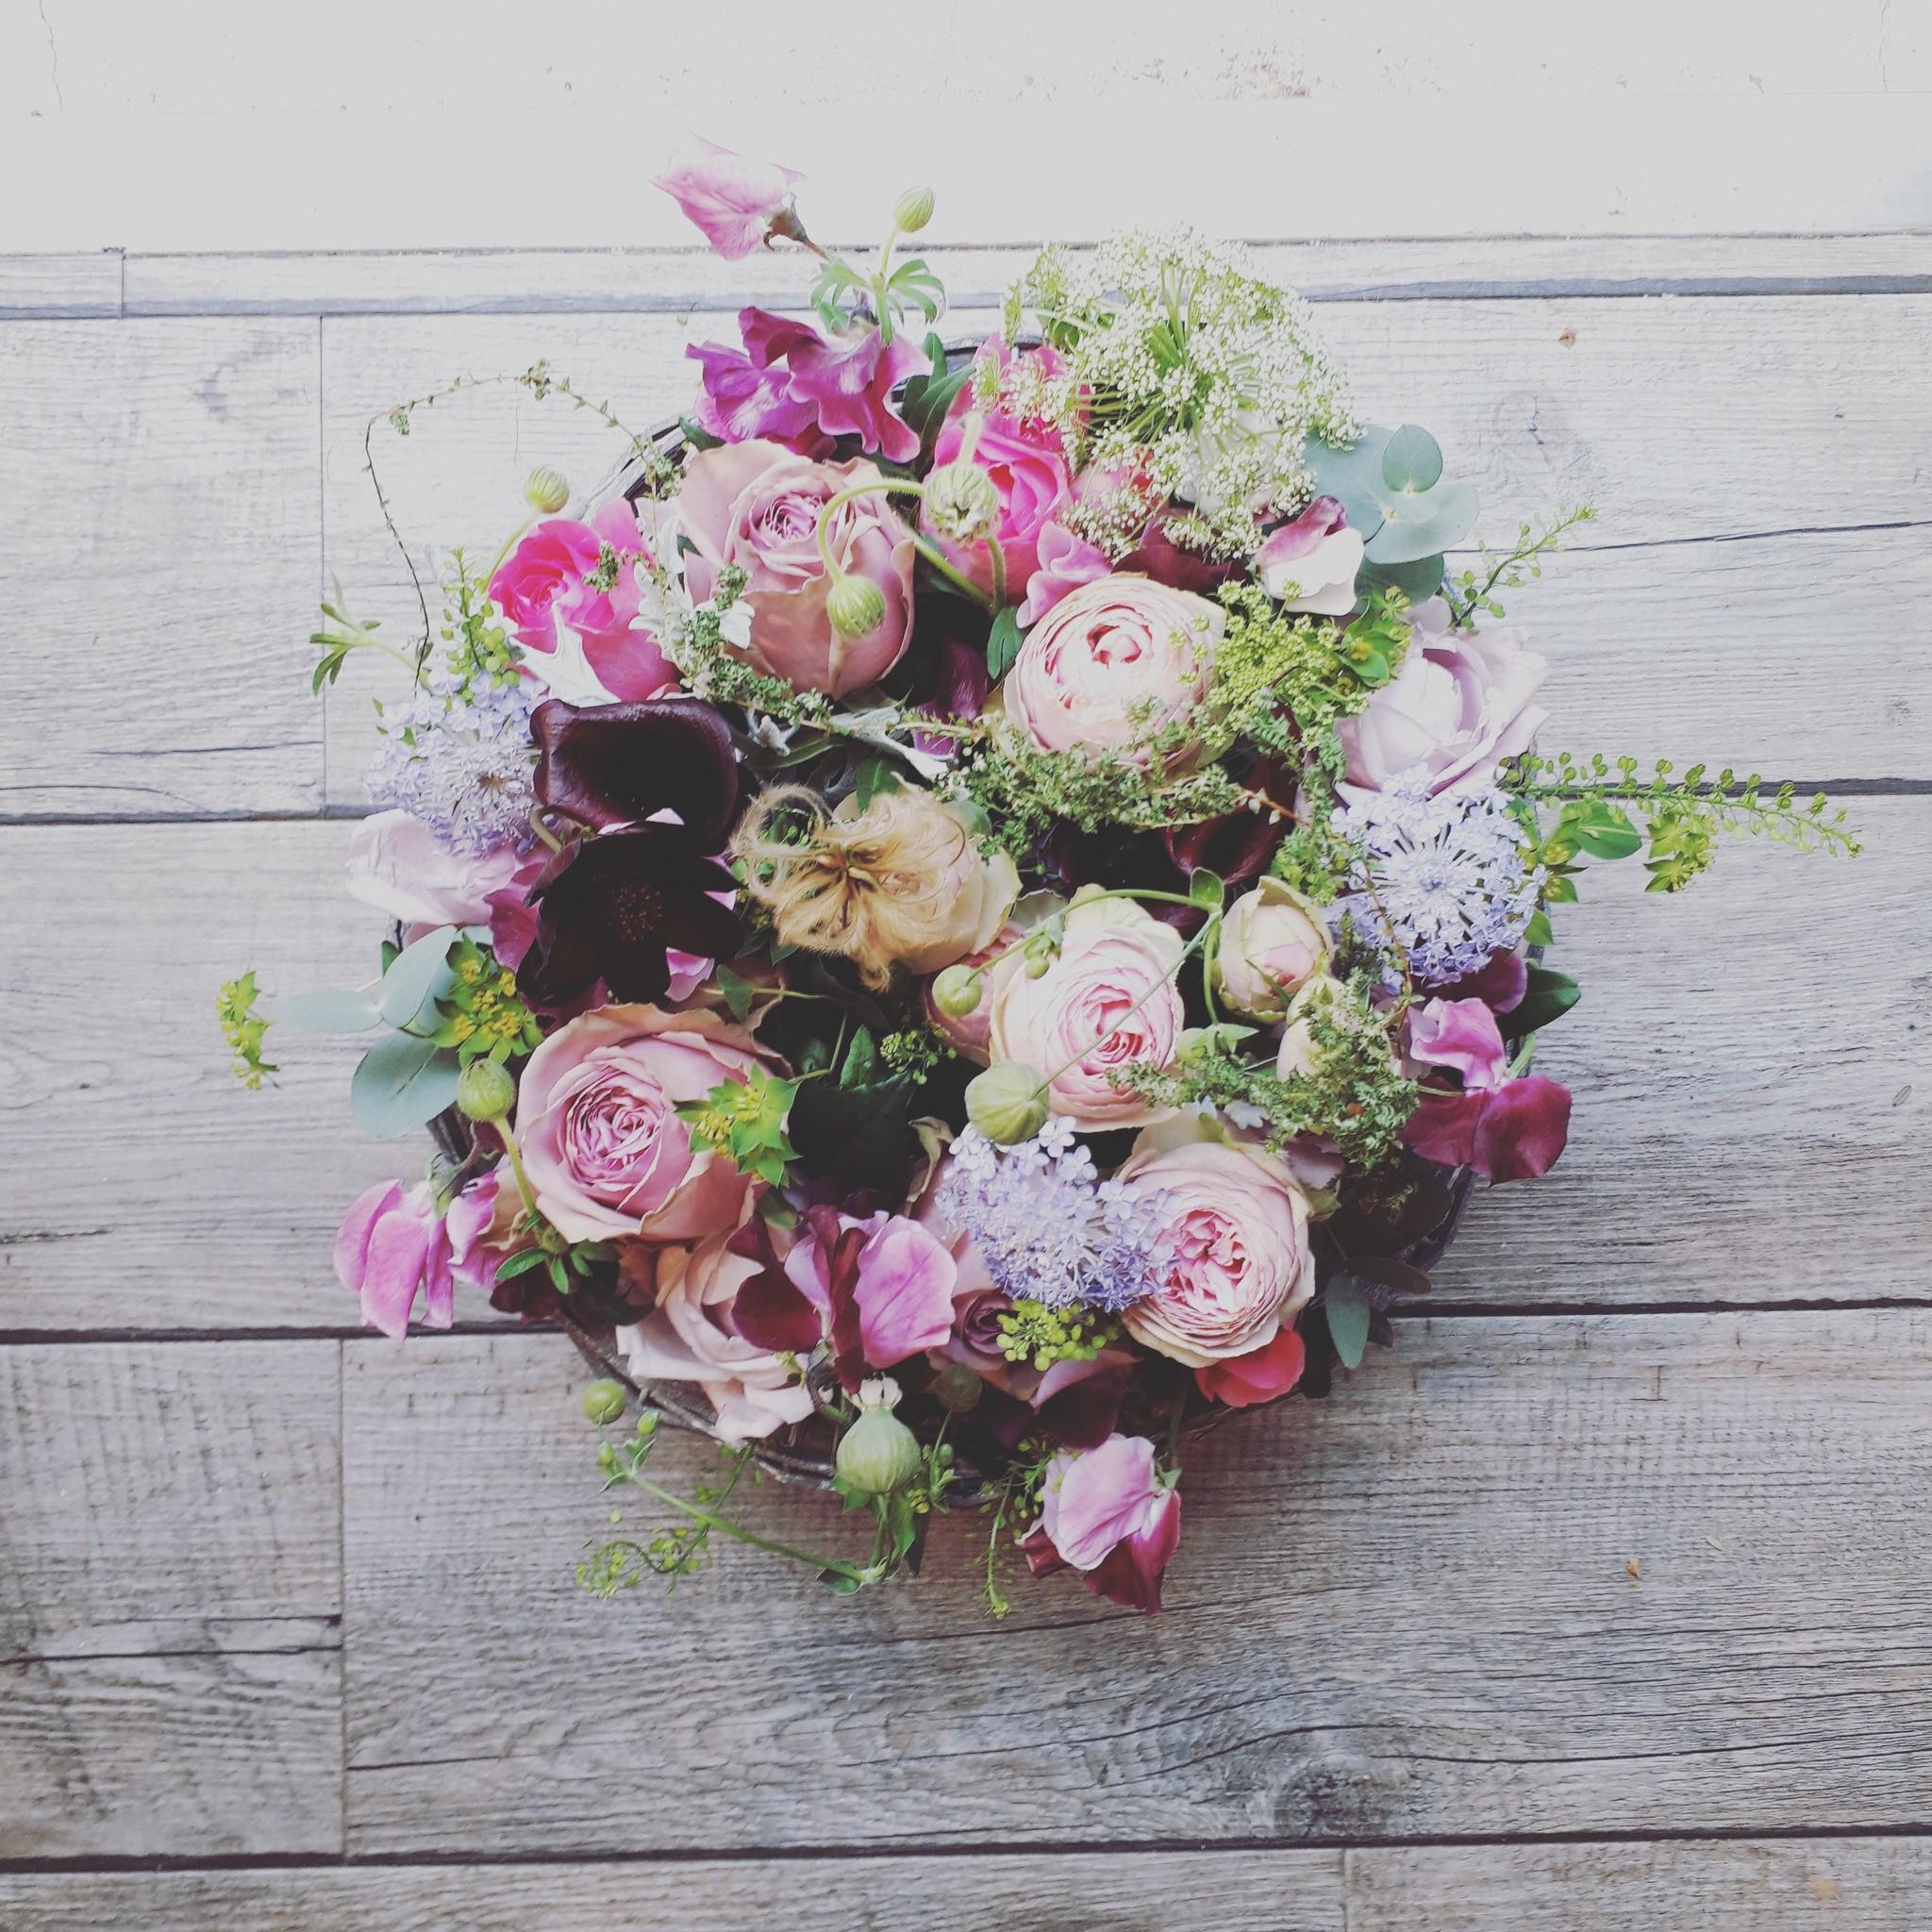 春のお花を使ったフラワーアレンジメント画像と解説